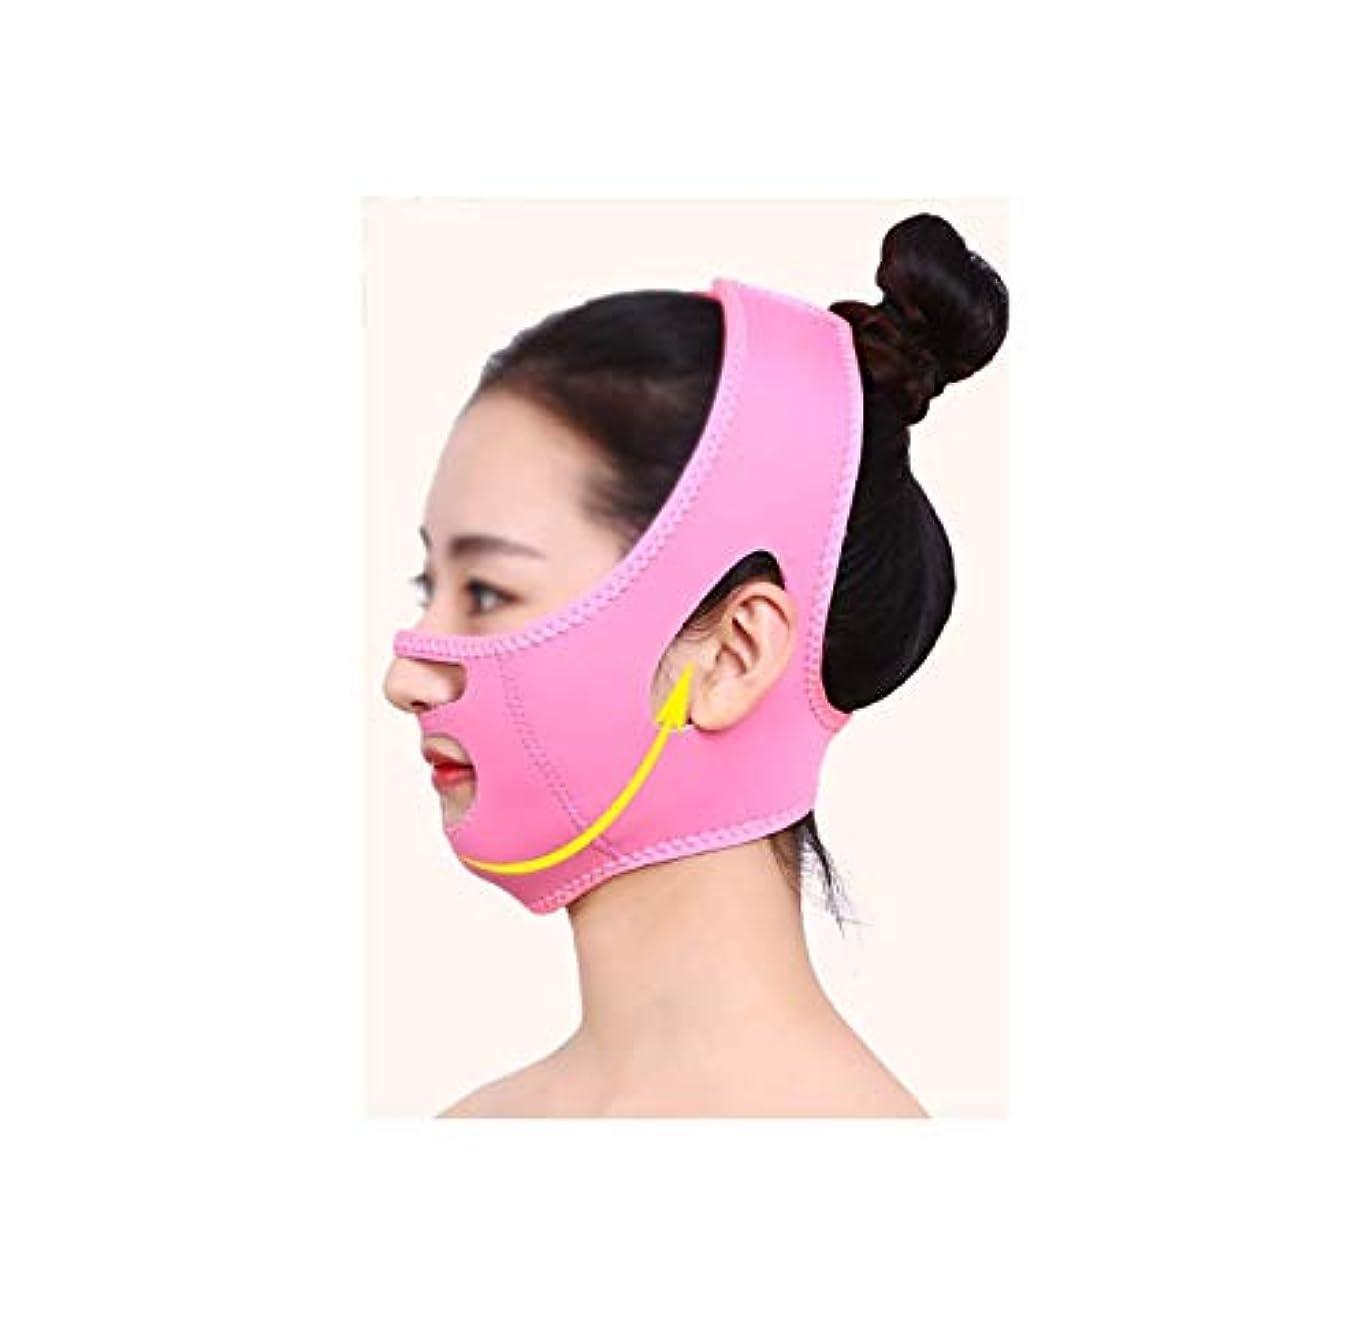 理想的には極小セラフフェイスリフトマスク、フェイシャルマスク薄い顔マシン美容器具ローラー顔面薄い顔Vフェイスマスクダブルあご包帯アーティファクト